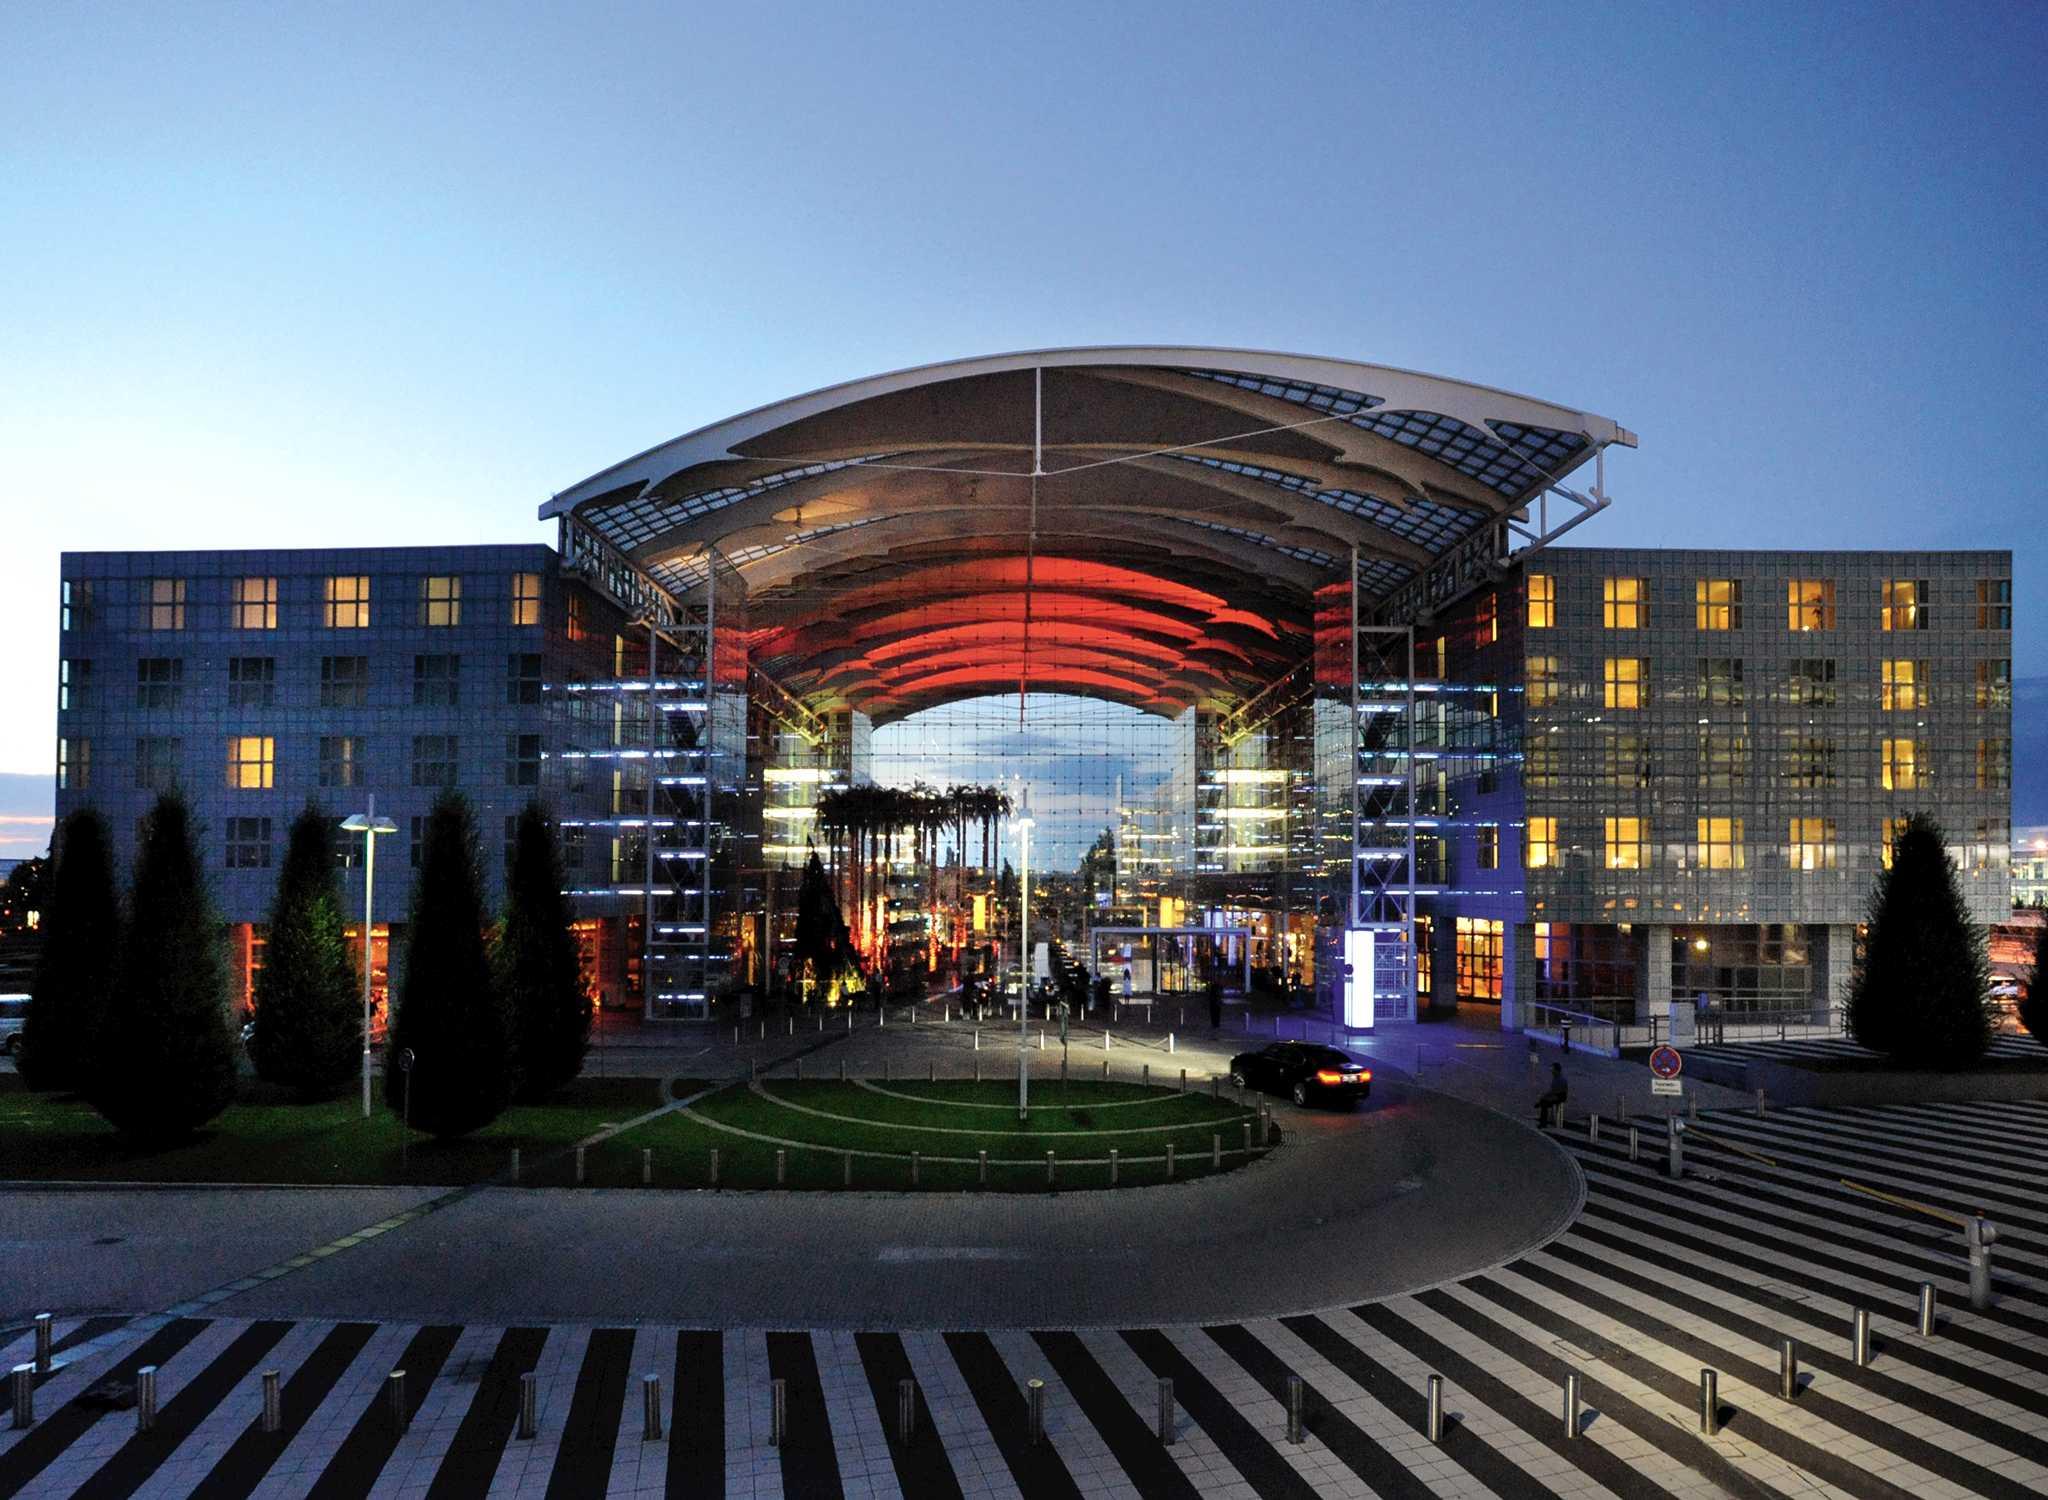 Casino Flughafen MГјnchen